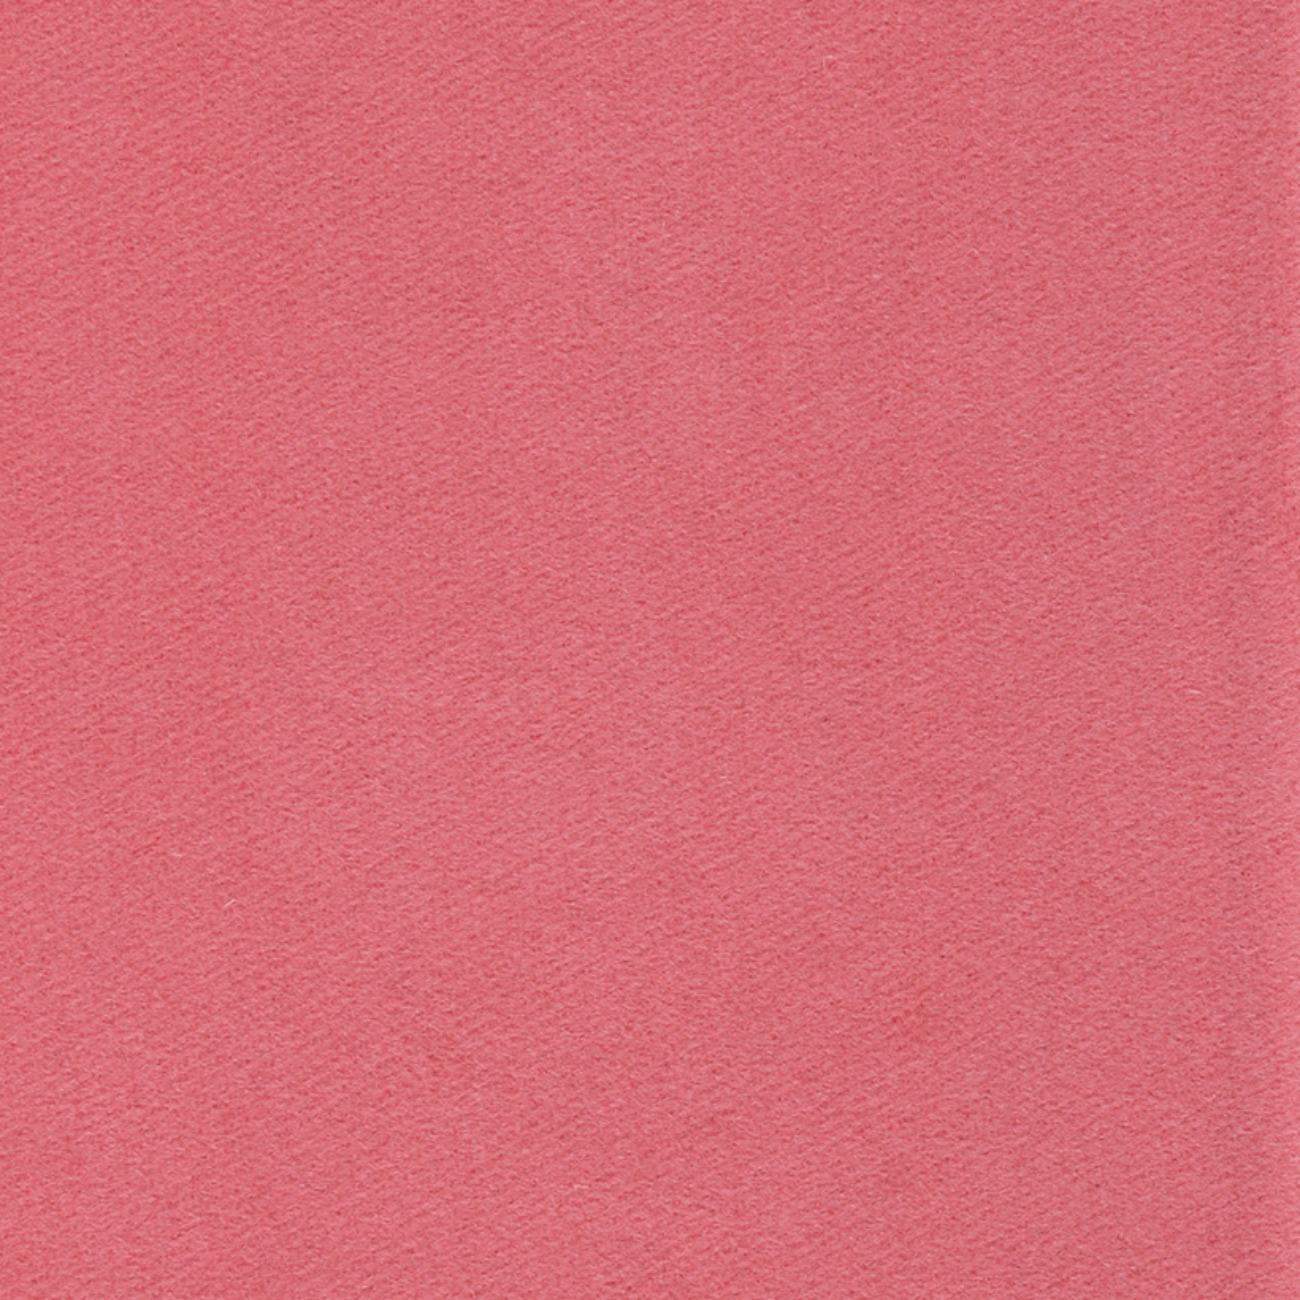 素色 雙面 無彈 大衣 外套 柔軟 細膩 絨感 男裝 女裝 童裝 秋冬 羊毛 71019-6